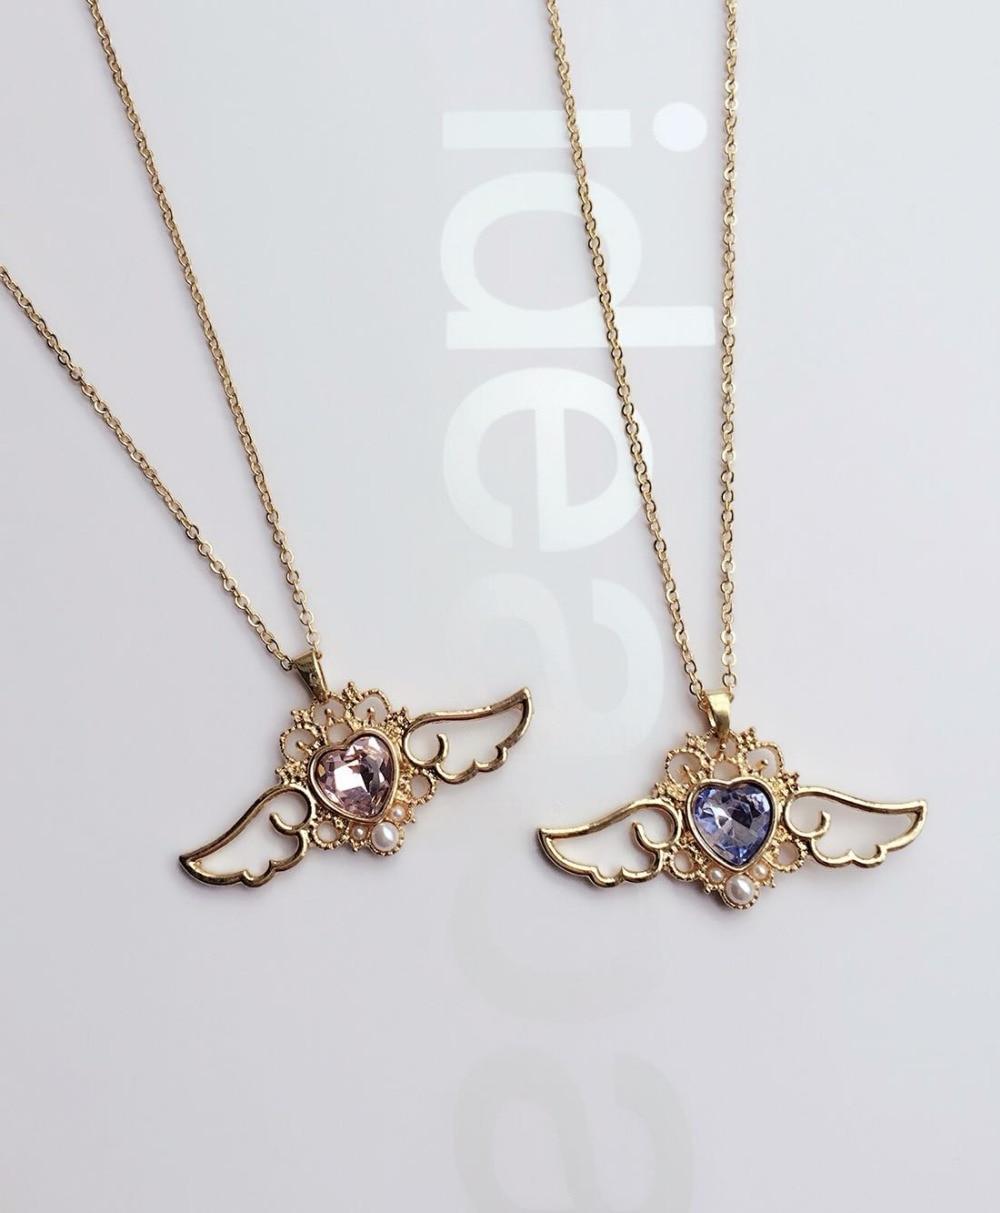 Kawaii Sailor Moon Crystal Heart & Wings Necklace 1